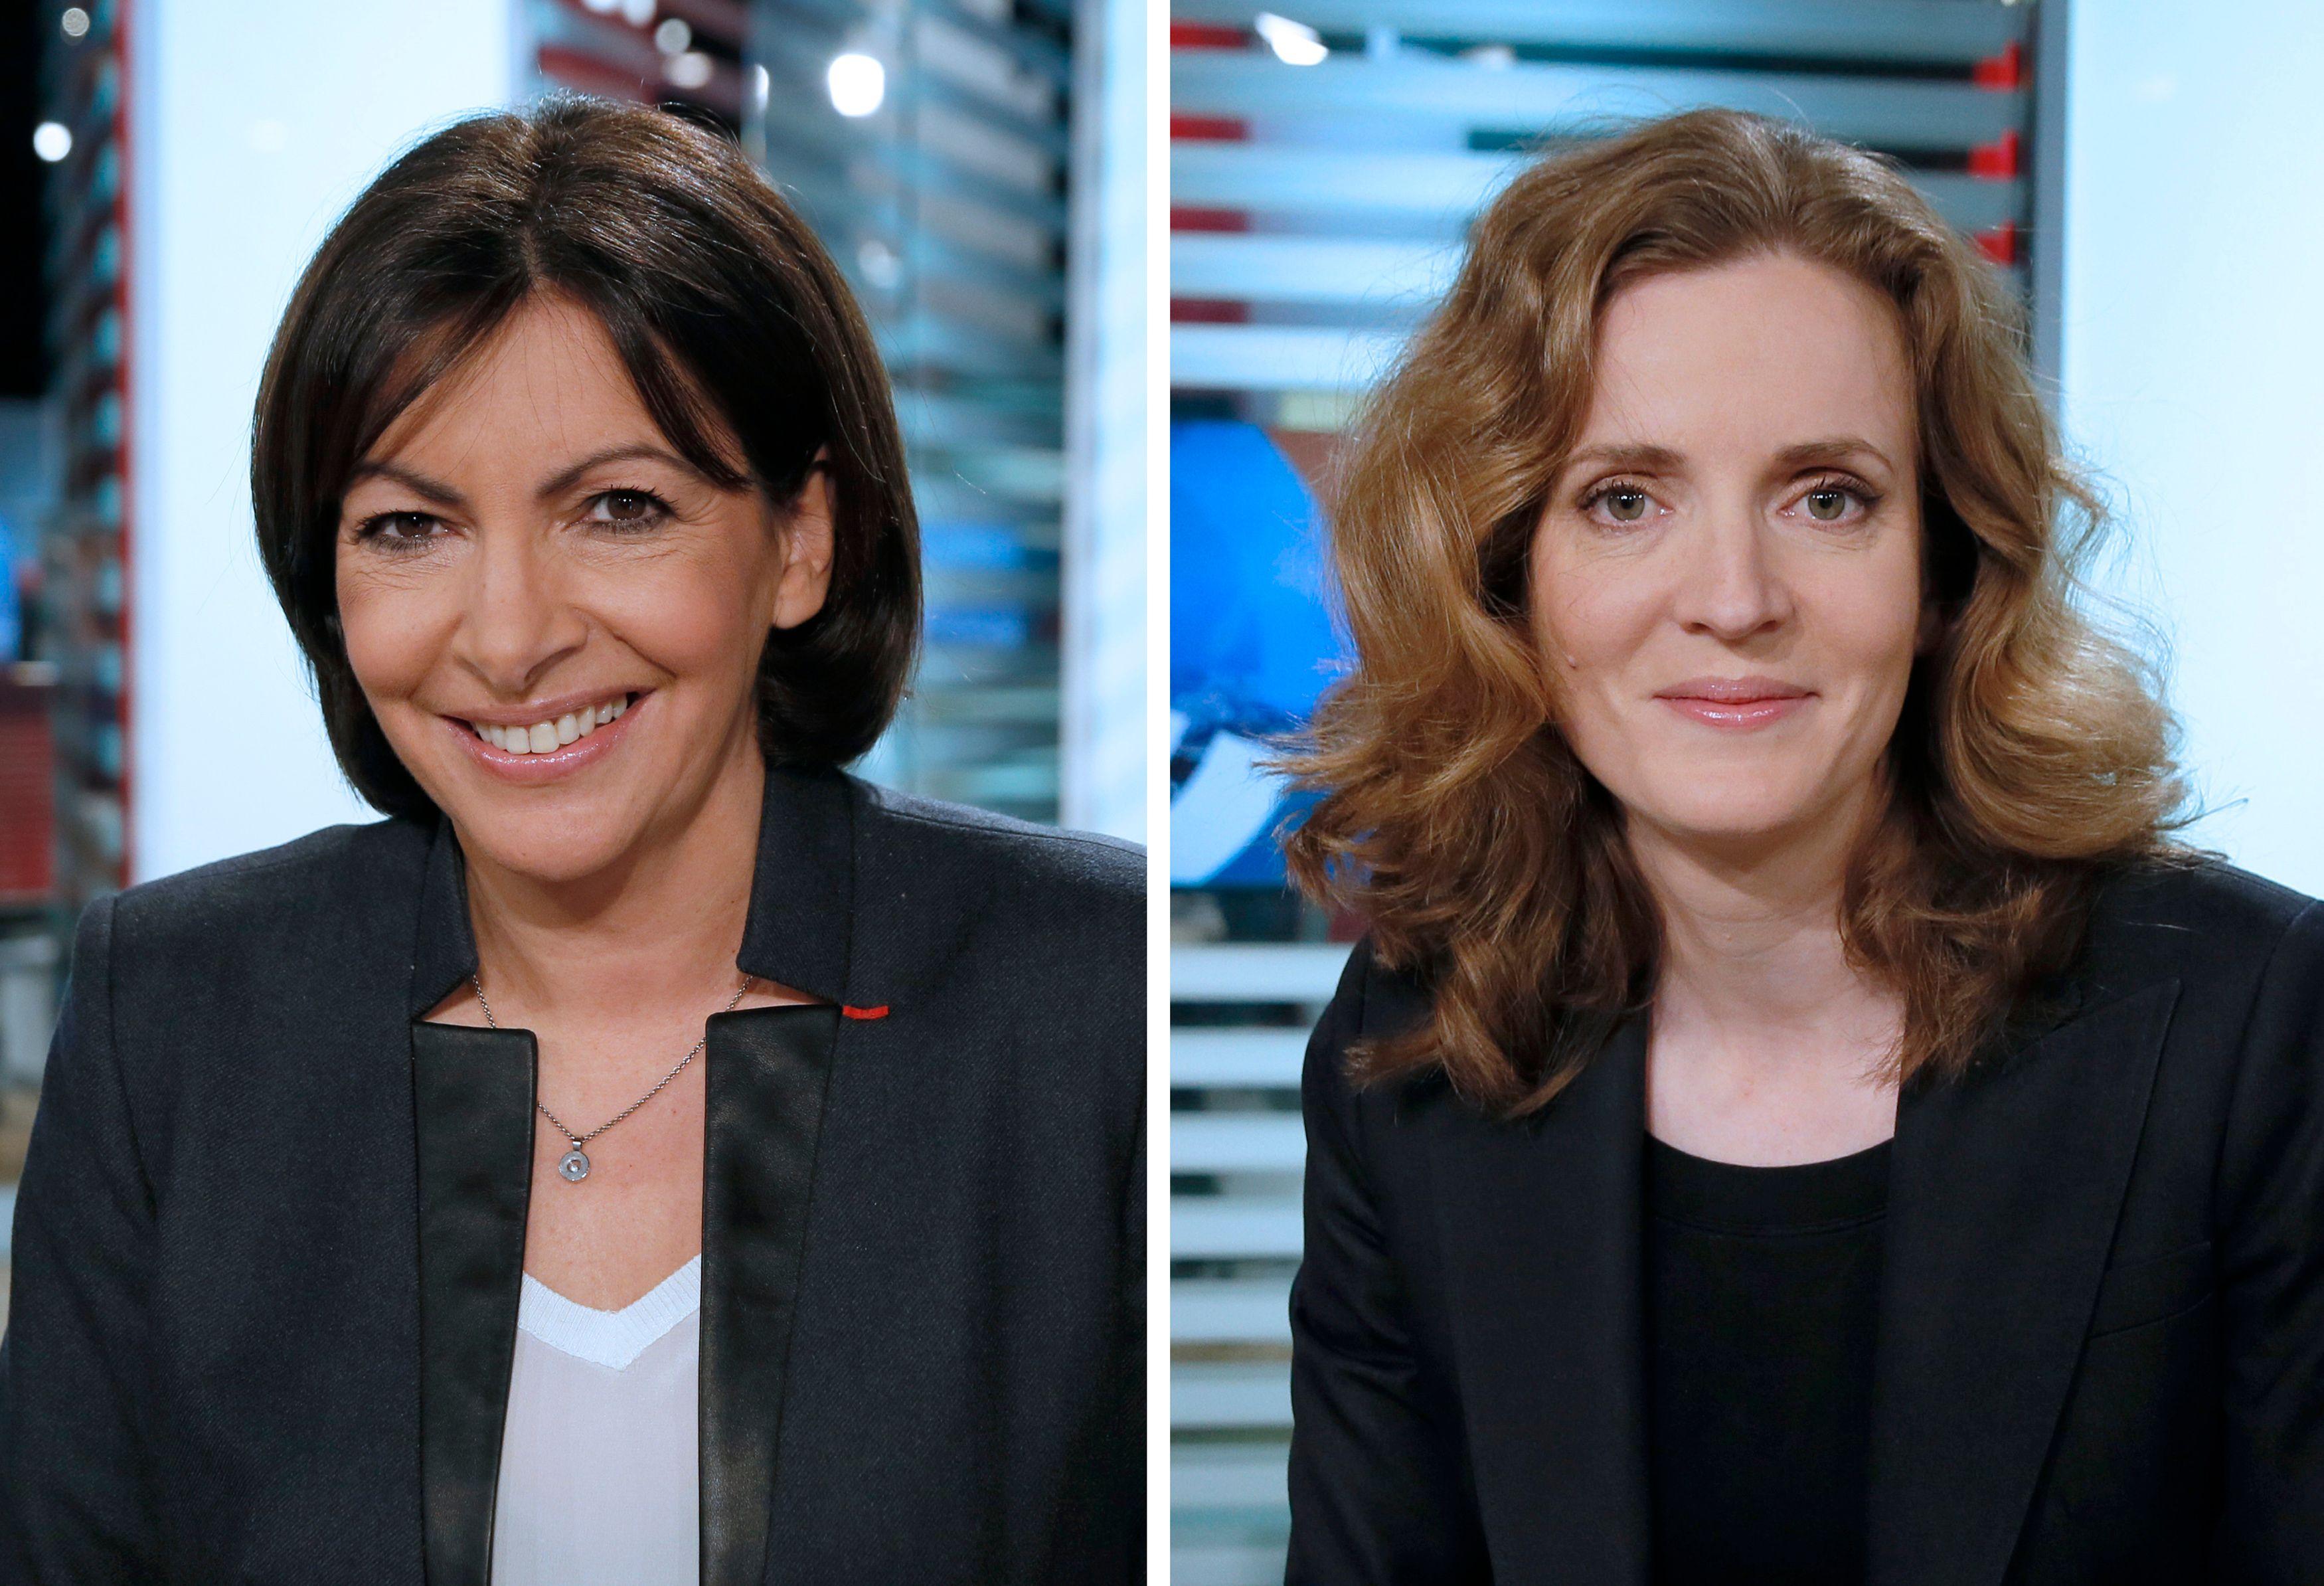 Municipales à Paris : ce qu'il faut retenir du premier débat entre Anne Hidalgo, NKM et lesautres candidats